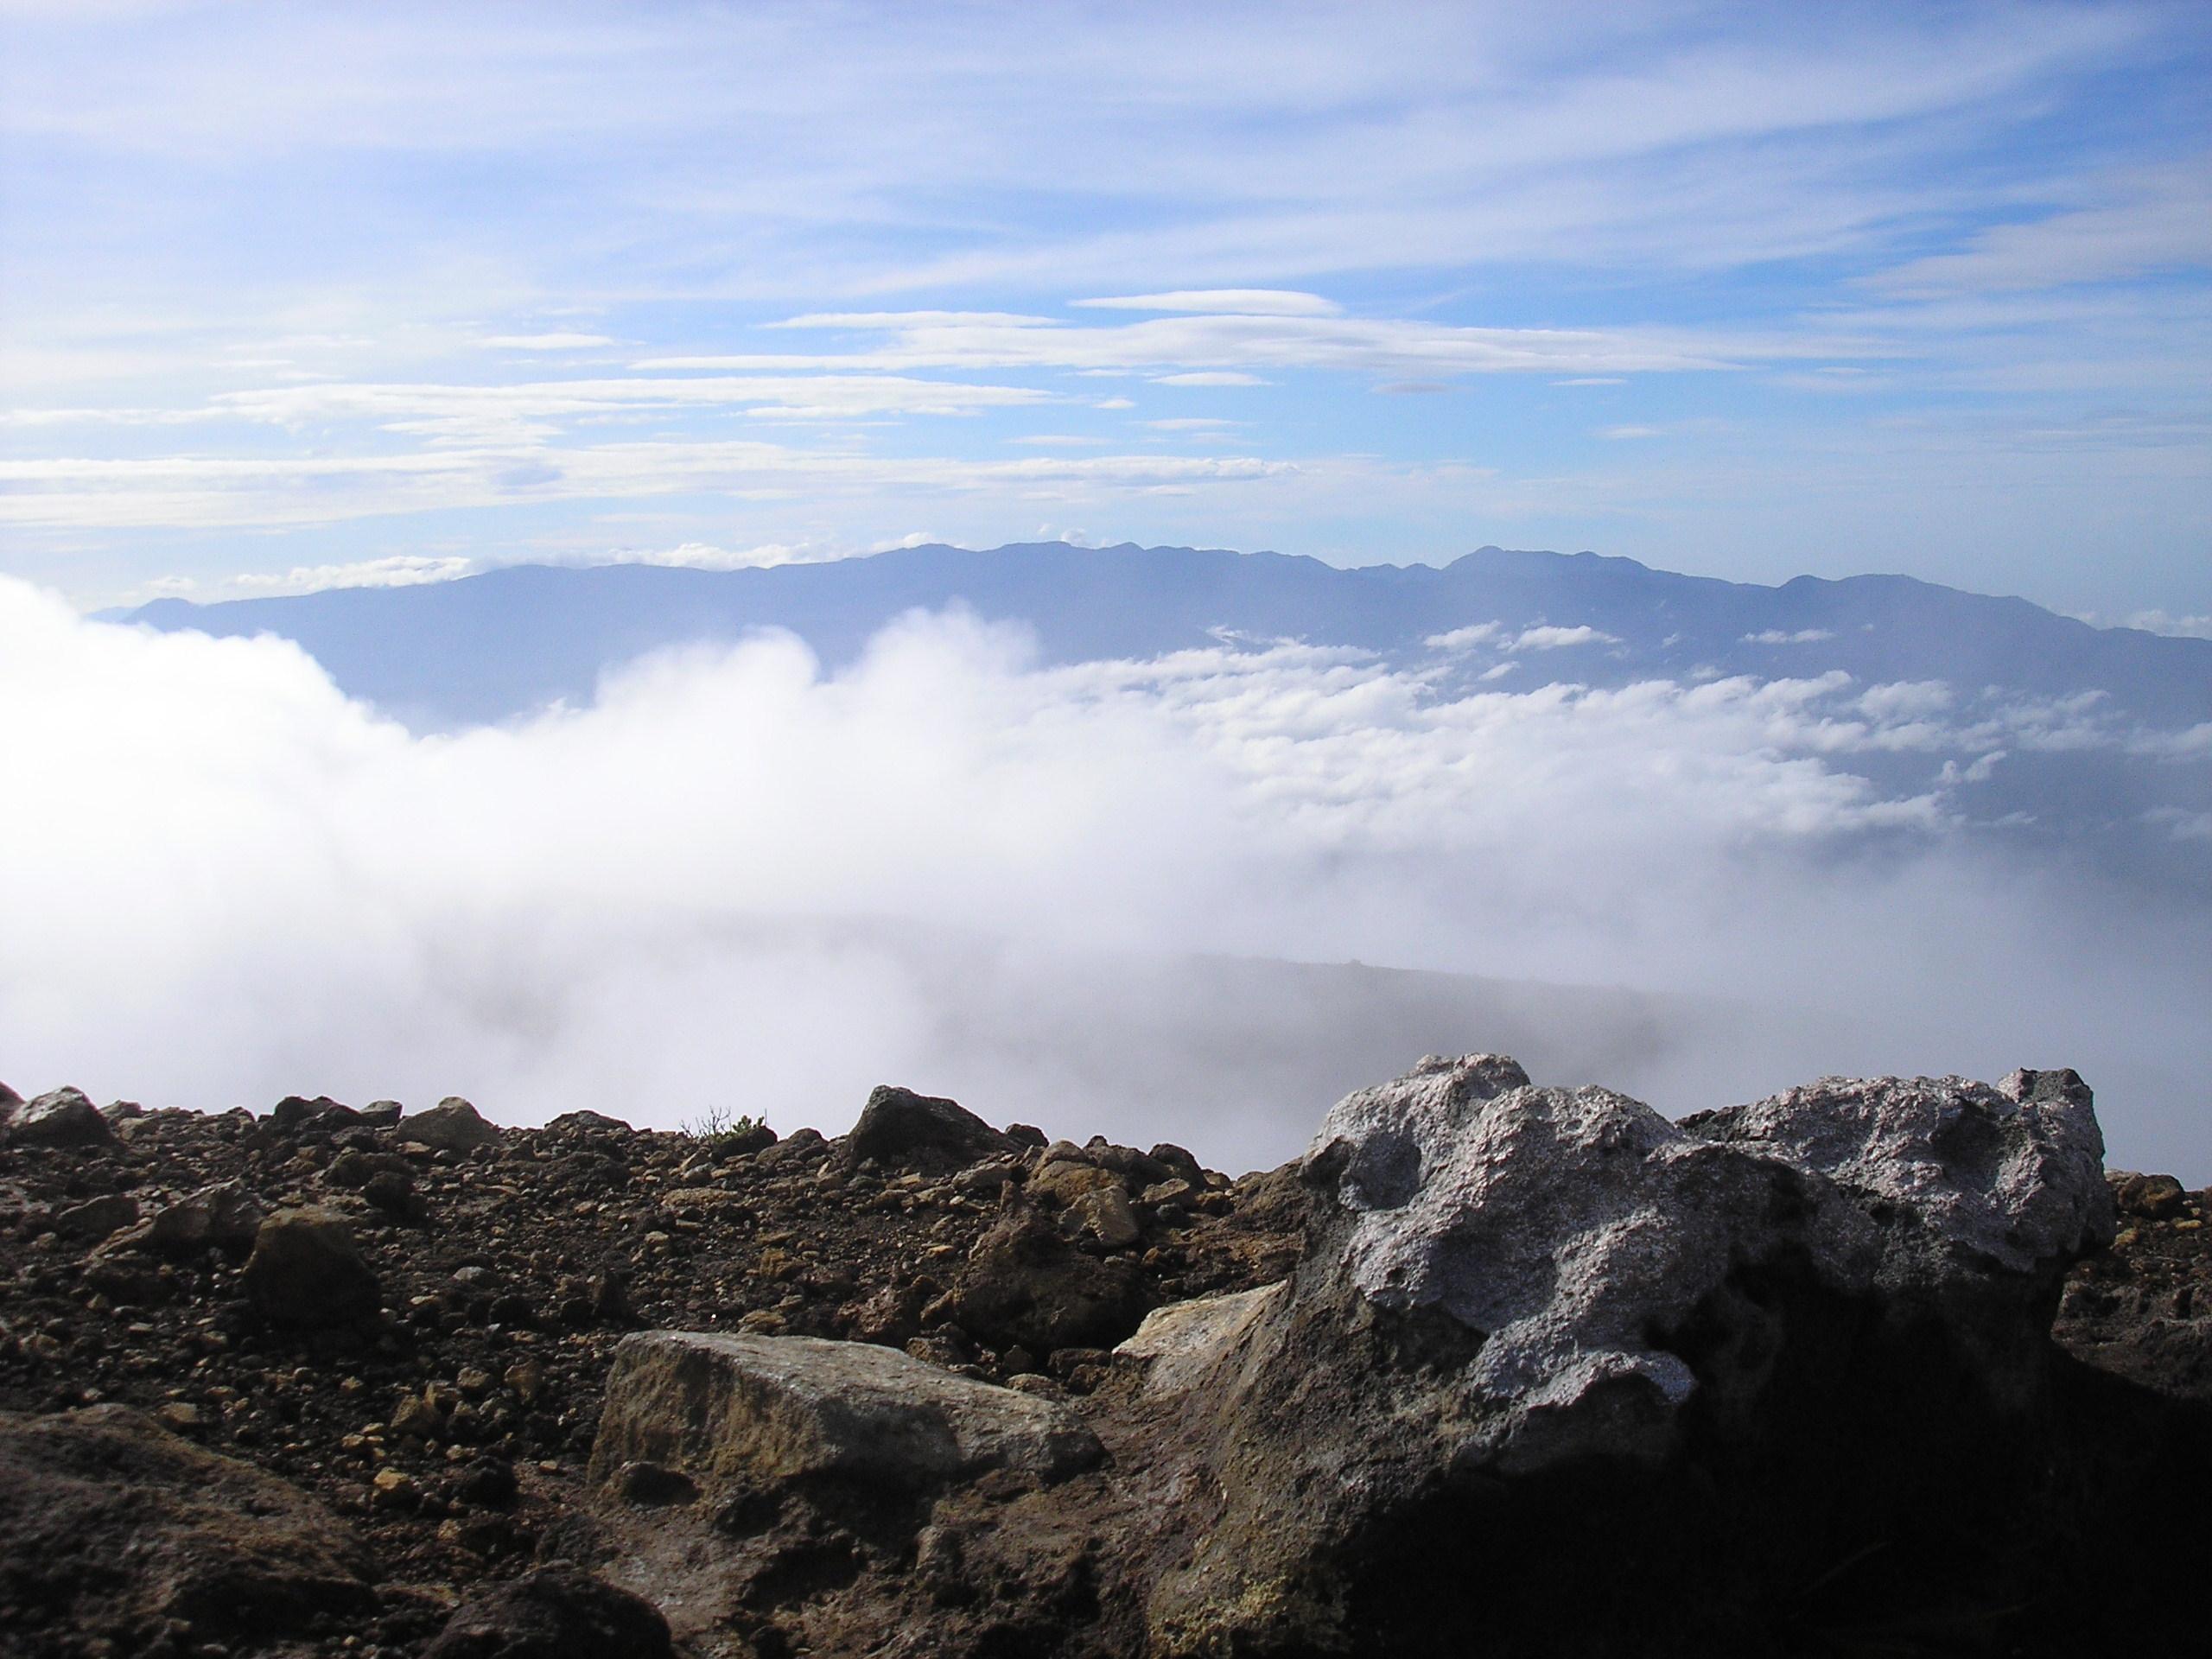 Mount Patah